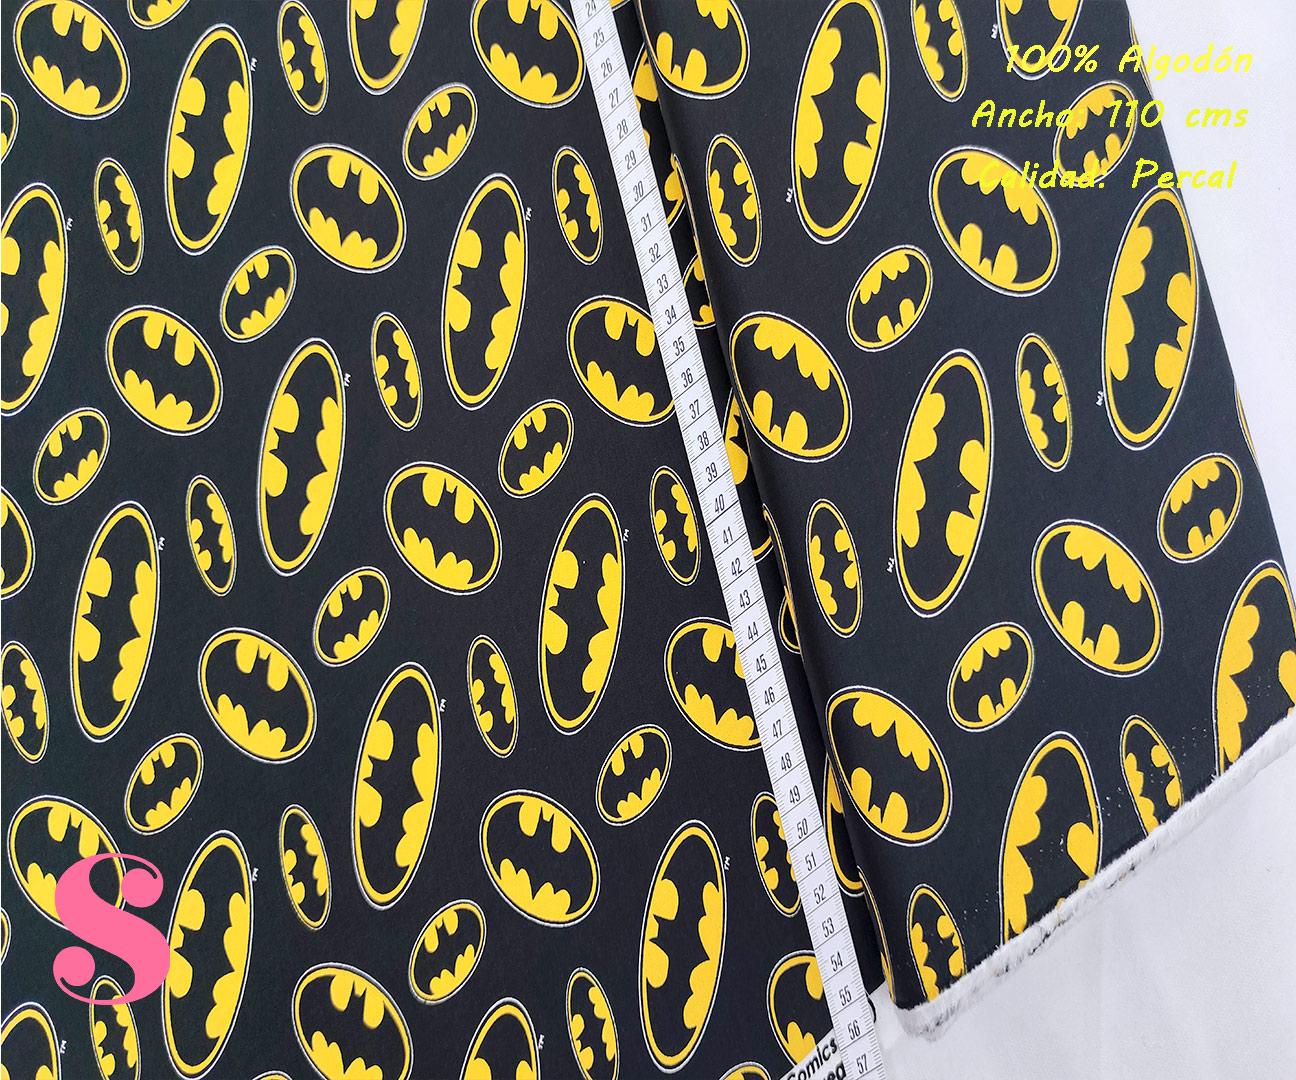 L65-batman-logotipo-fondo-negro-patch-americano-tejidos-algodón-estampado-percal,Tejido Estampado Patch Americano Batman Logotipo